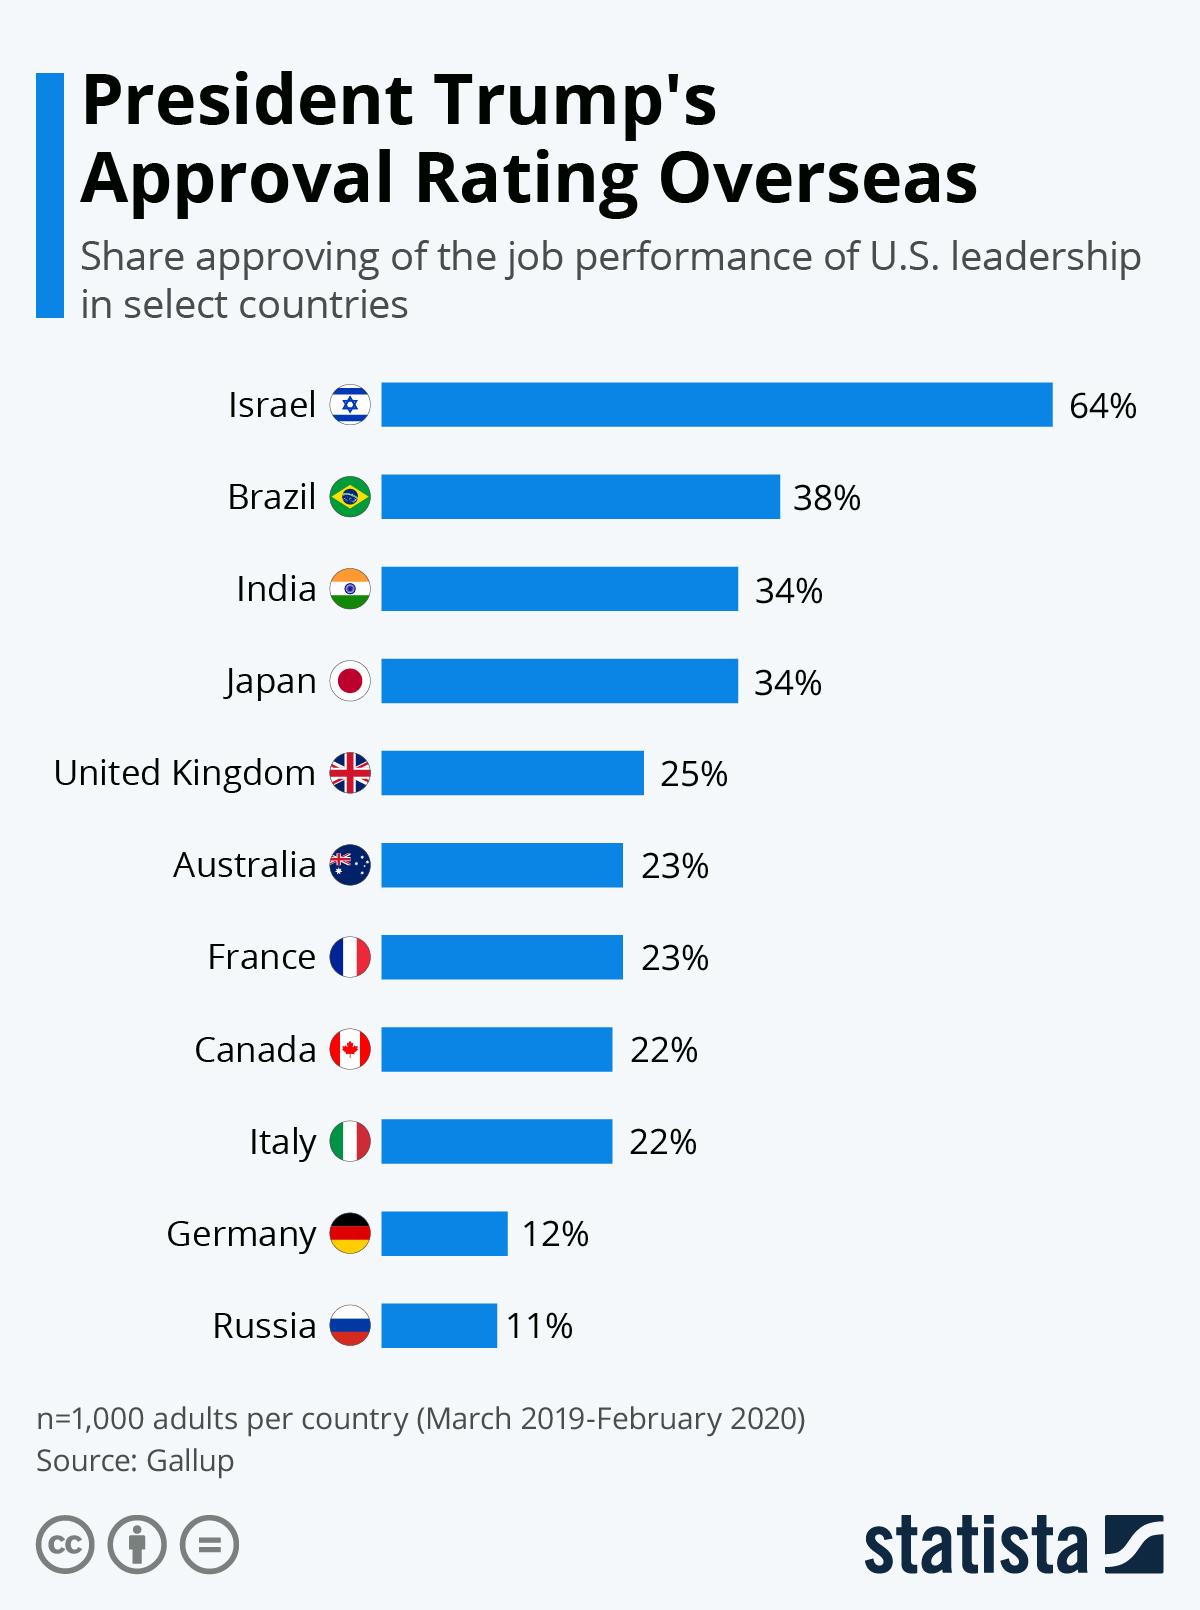 Рейтинг одобрения Трампа вне США